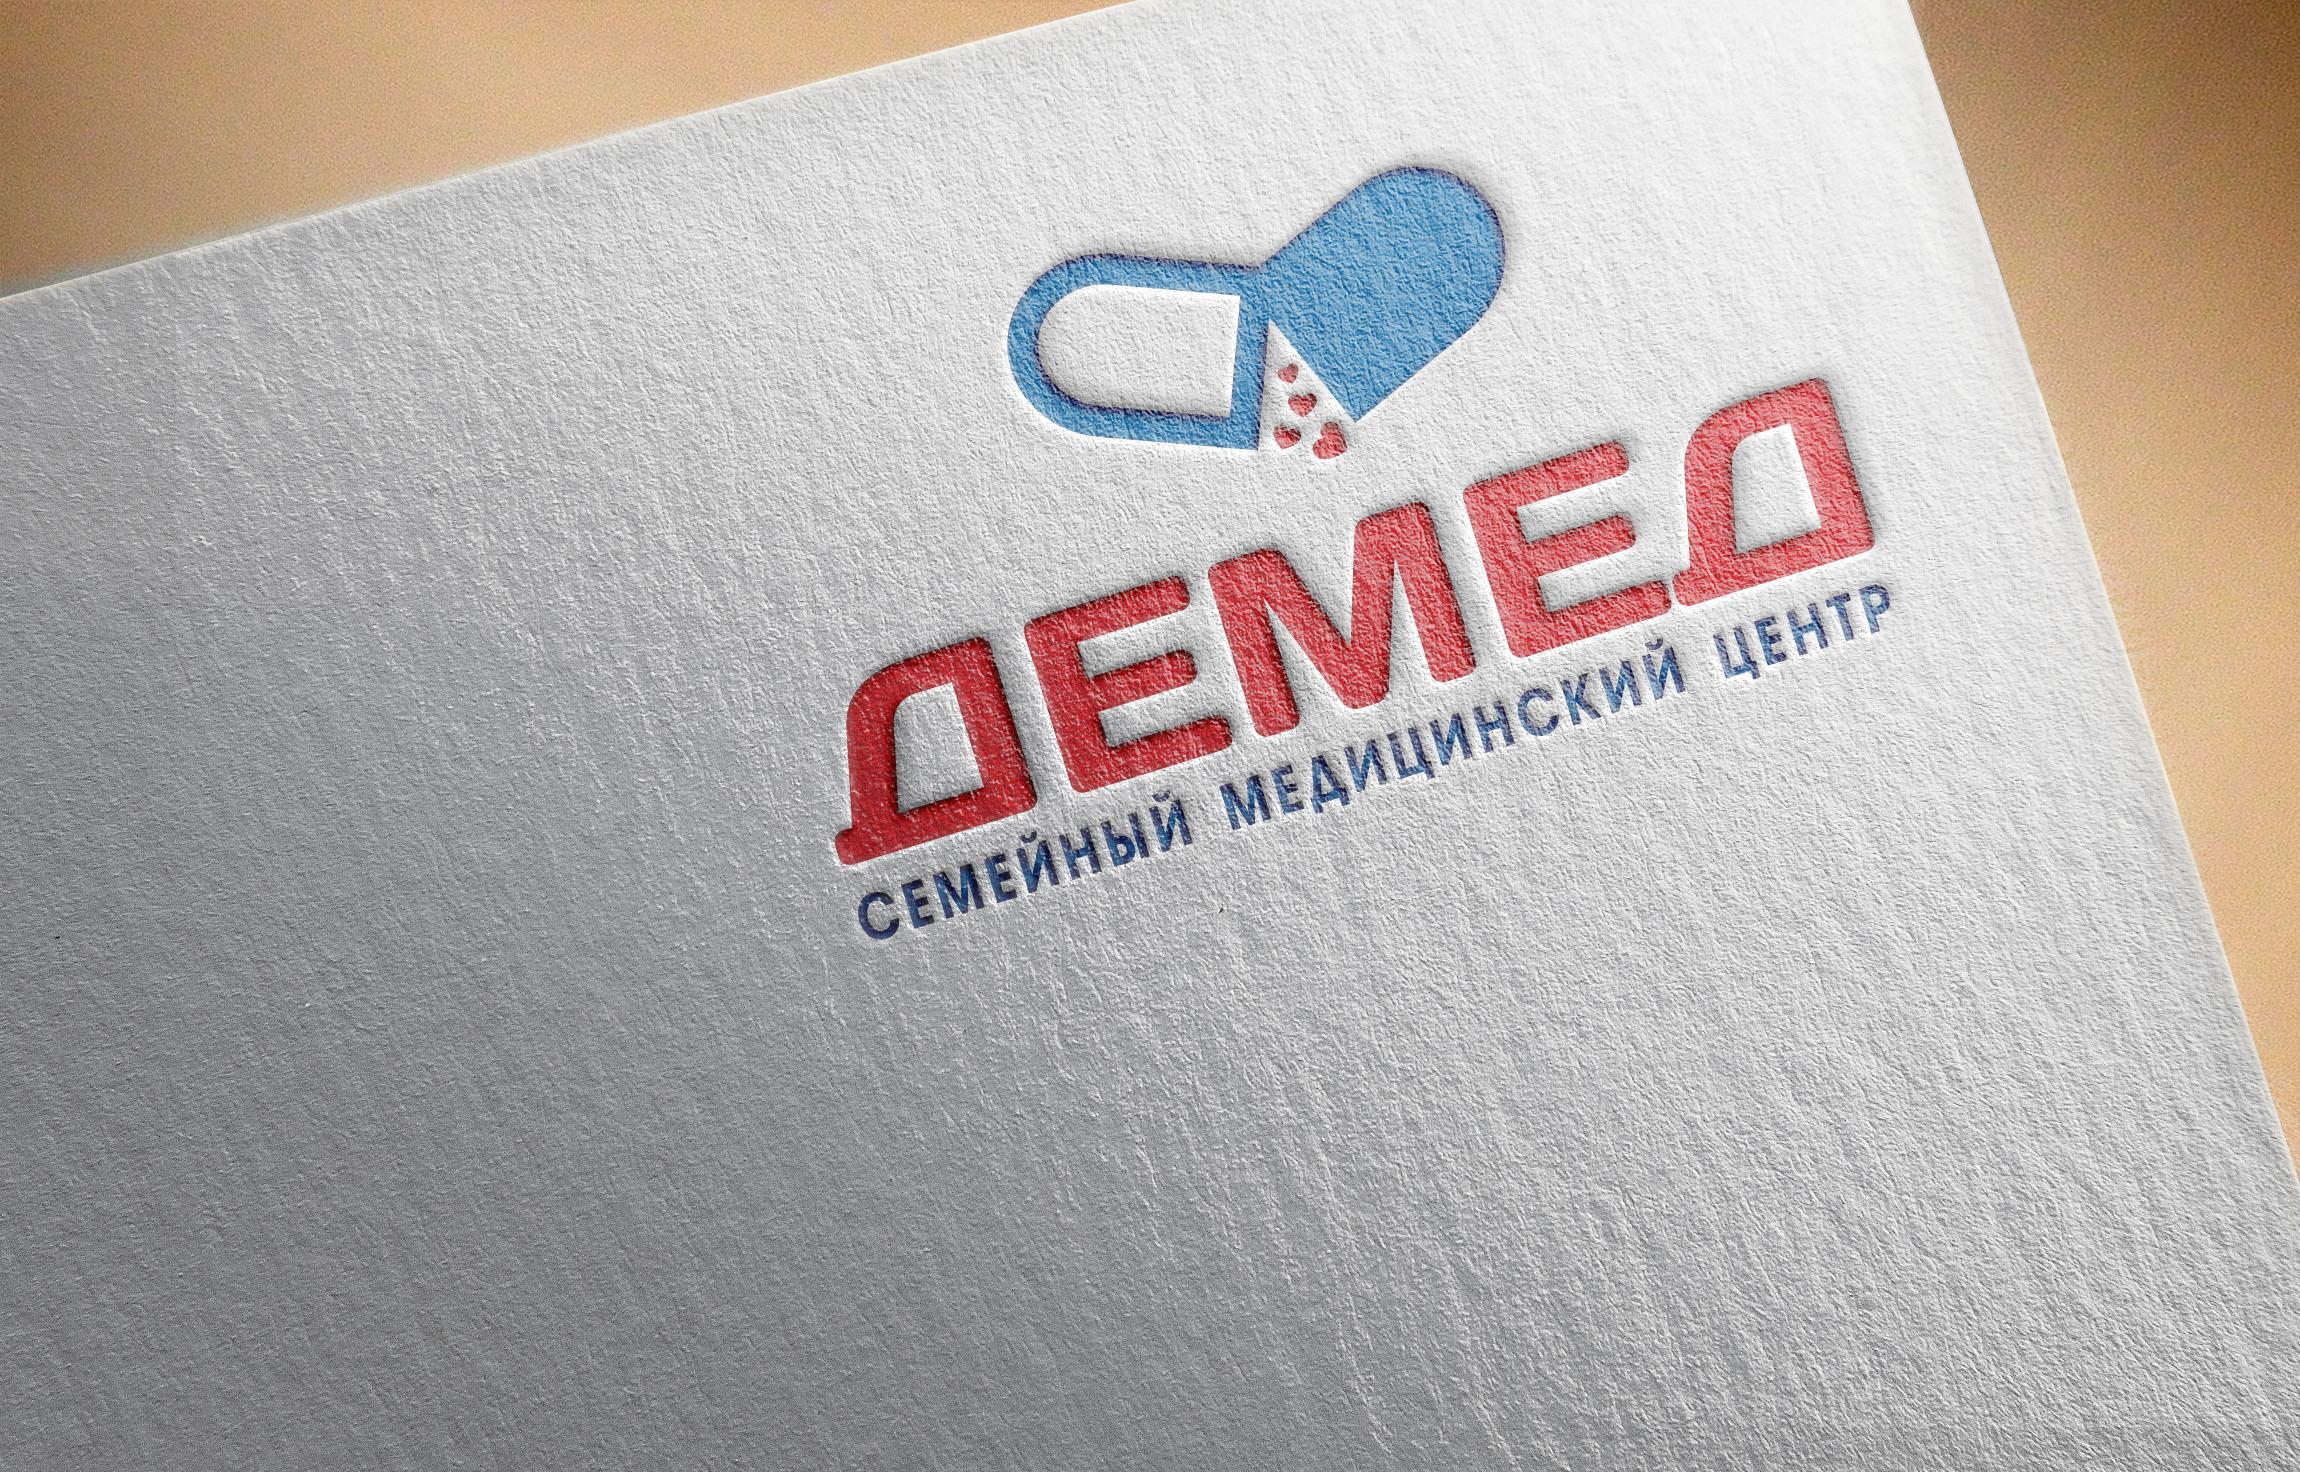 Логотип медицинского центра фото f_1525dc572a23a0aa.jpg